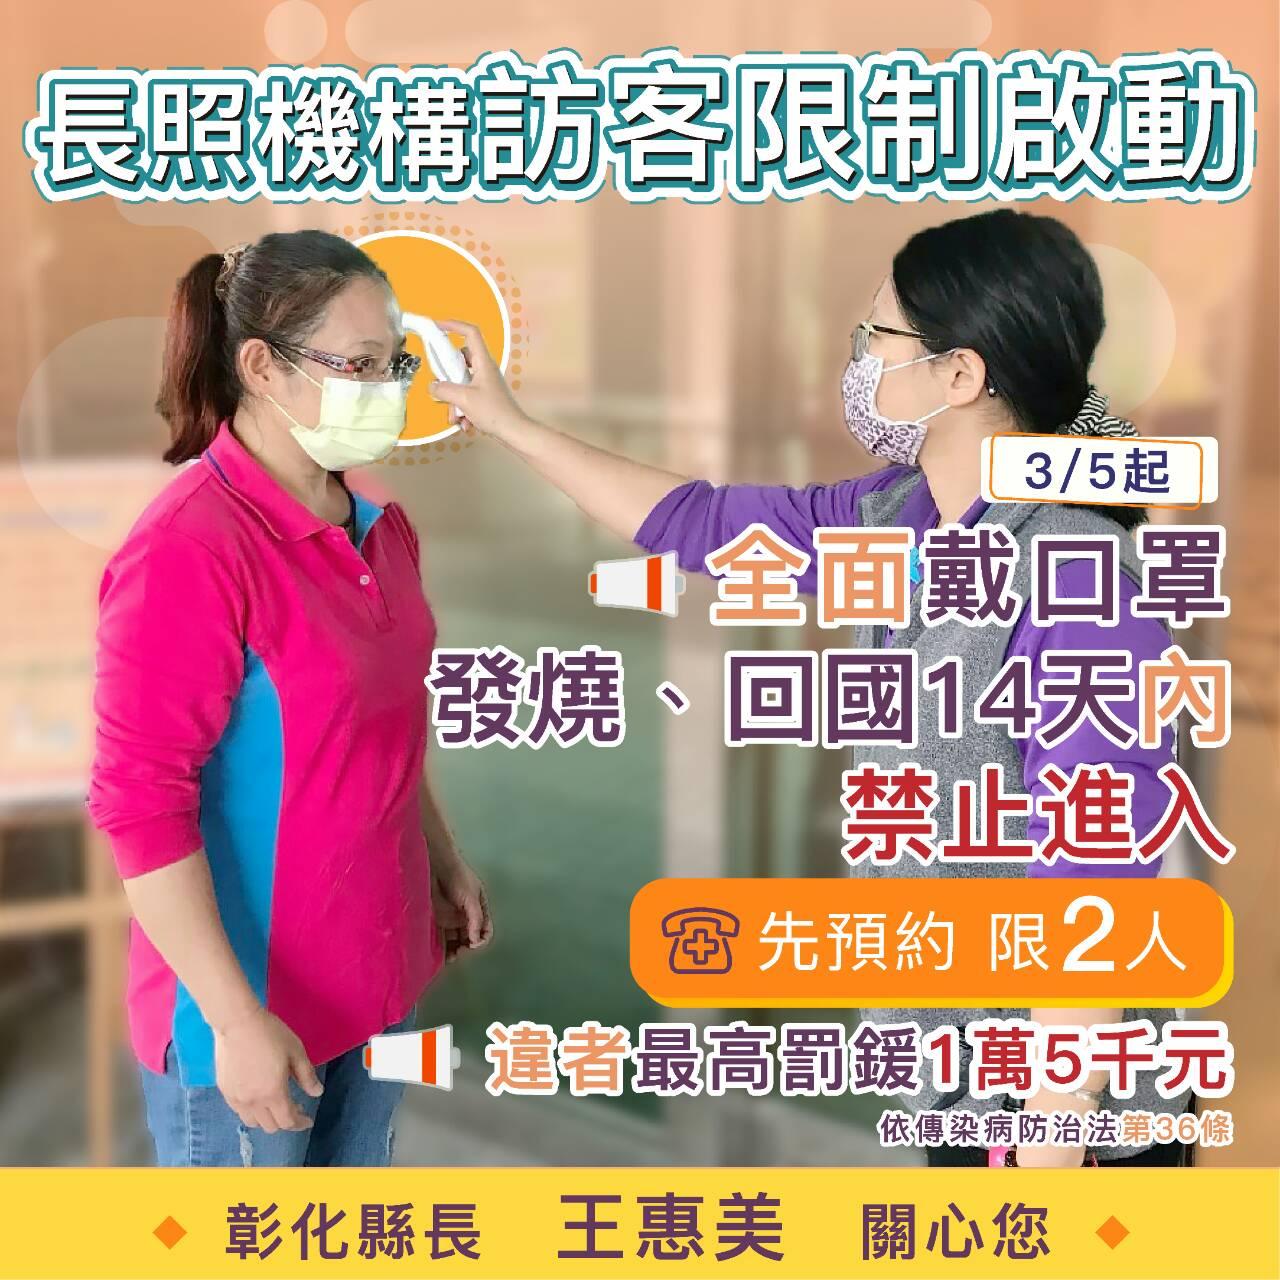 新冠肺炎應變超前部署,「高風險/場所感染控制及健康管理」納重點,住宿式長照機構高度警戒